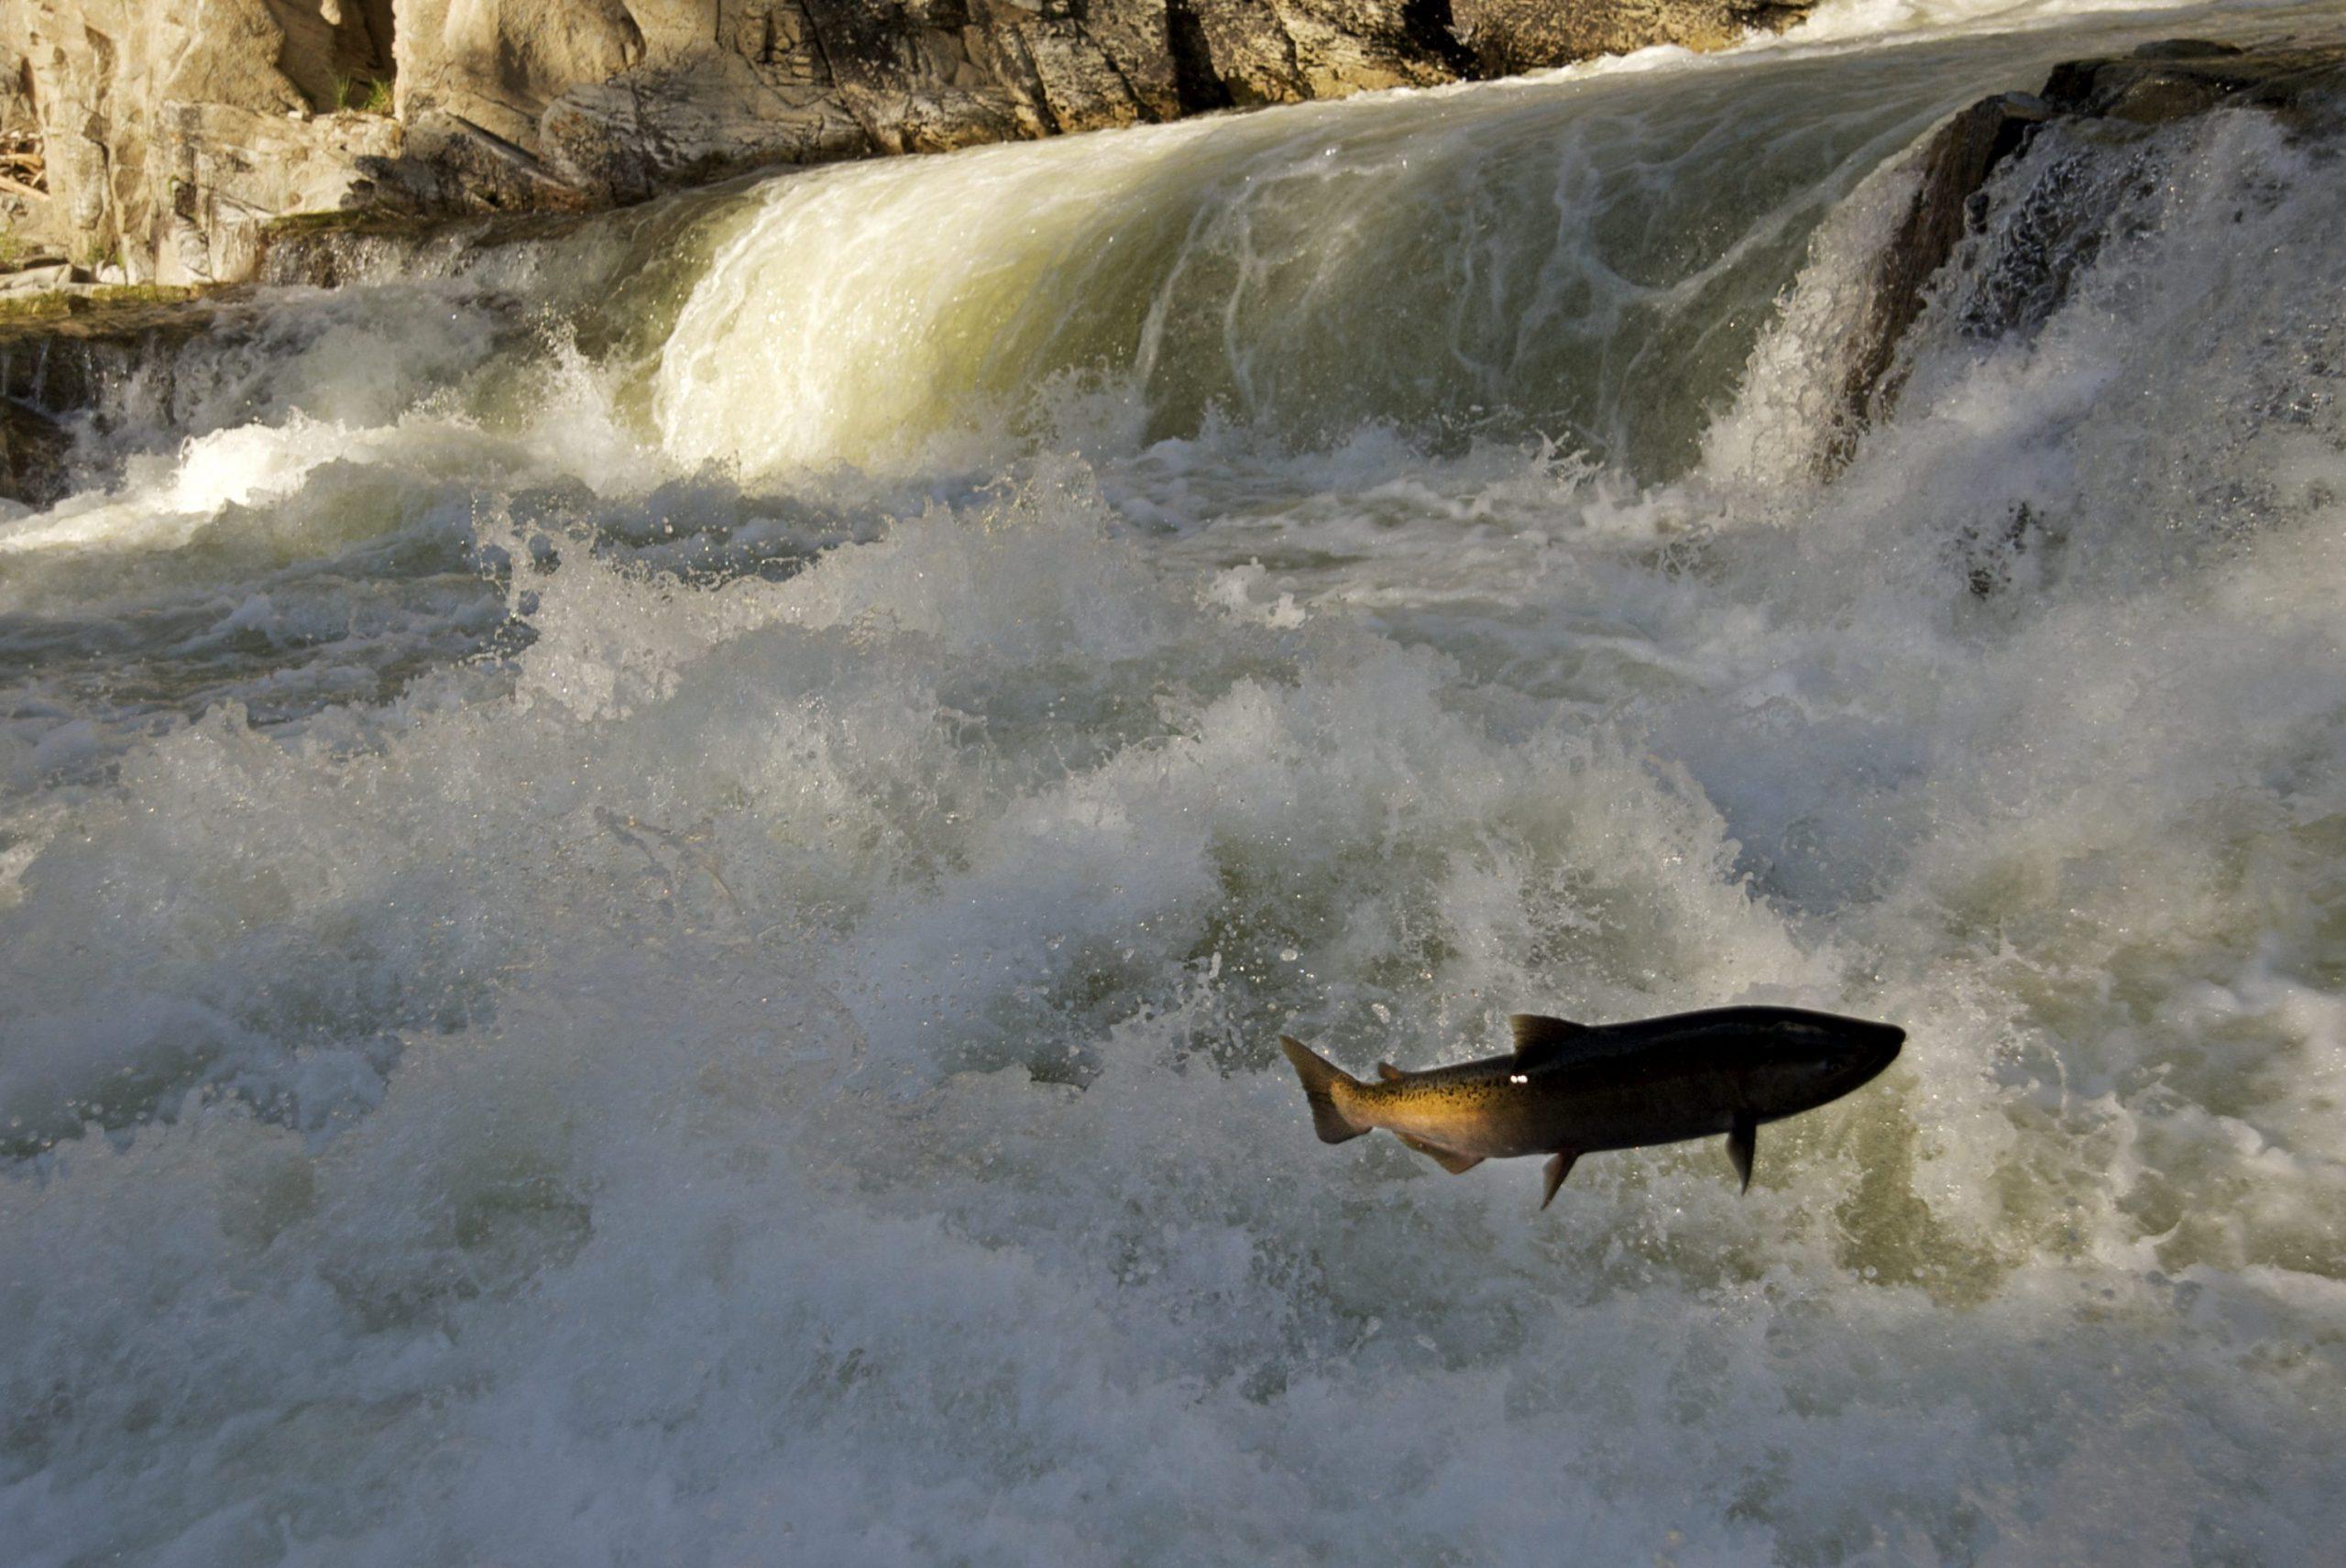 Chinook Salmon jumping at Dagger Falls, Idaho